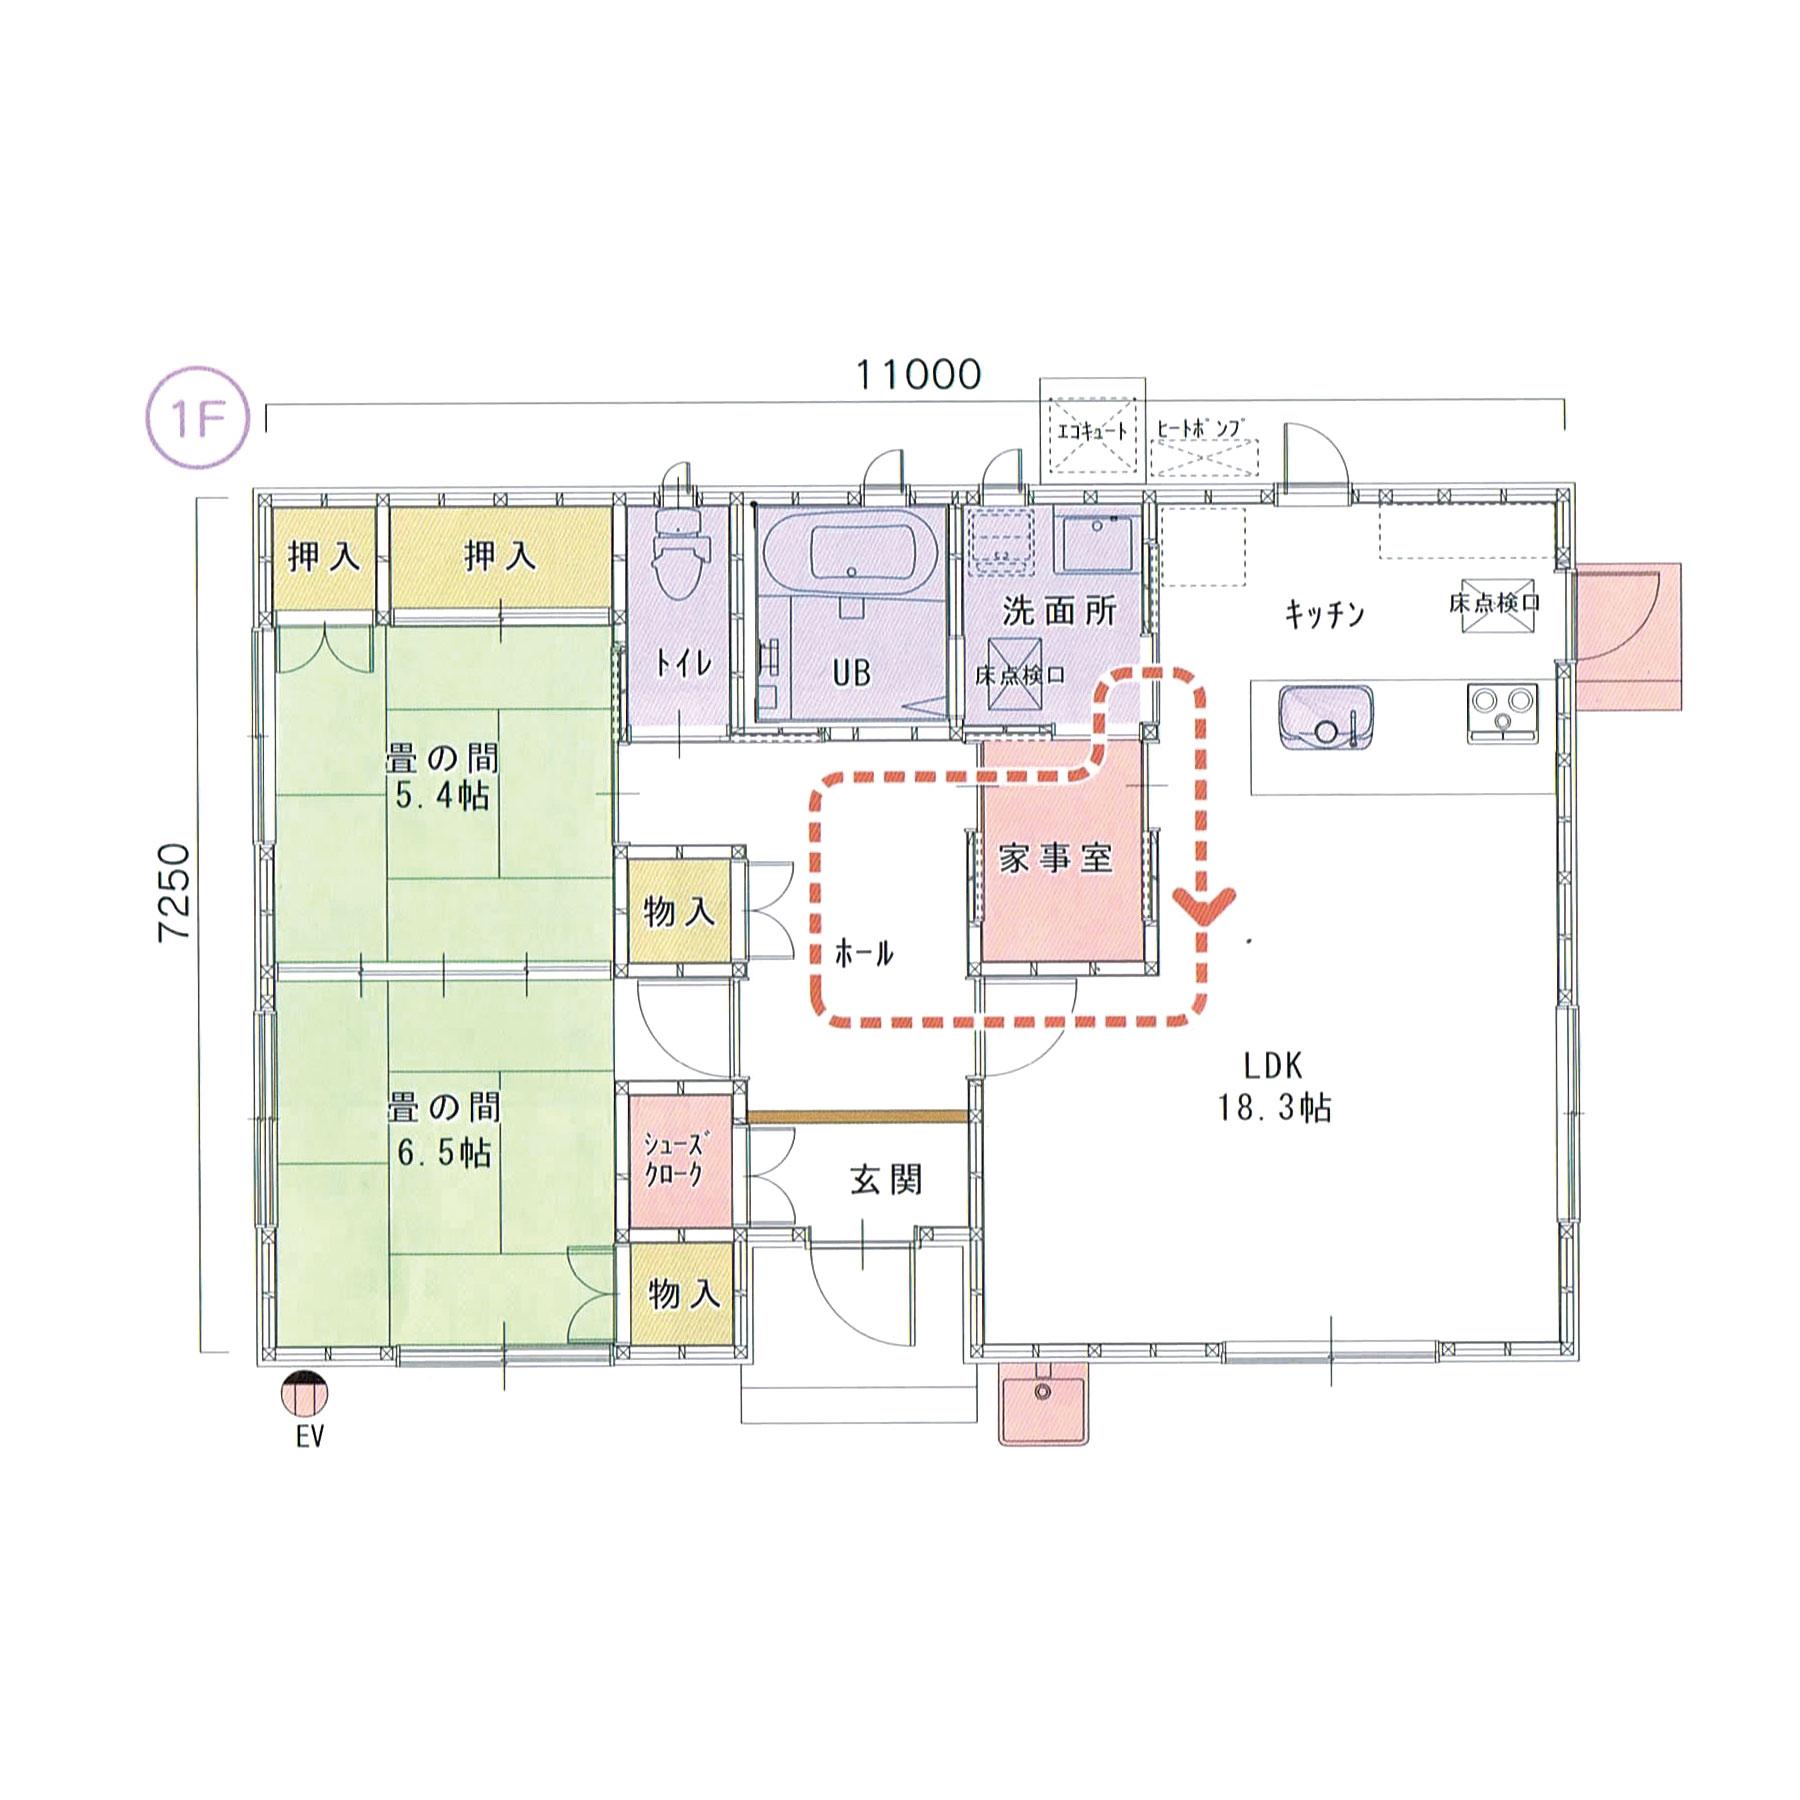 プランH-05 スモリの家